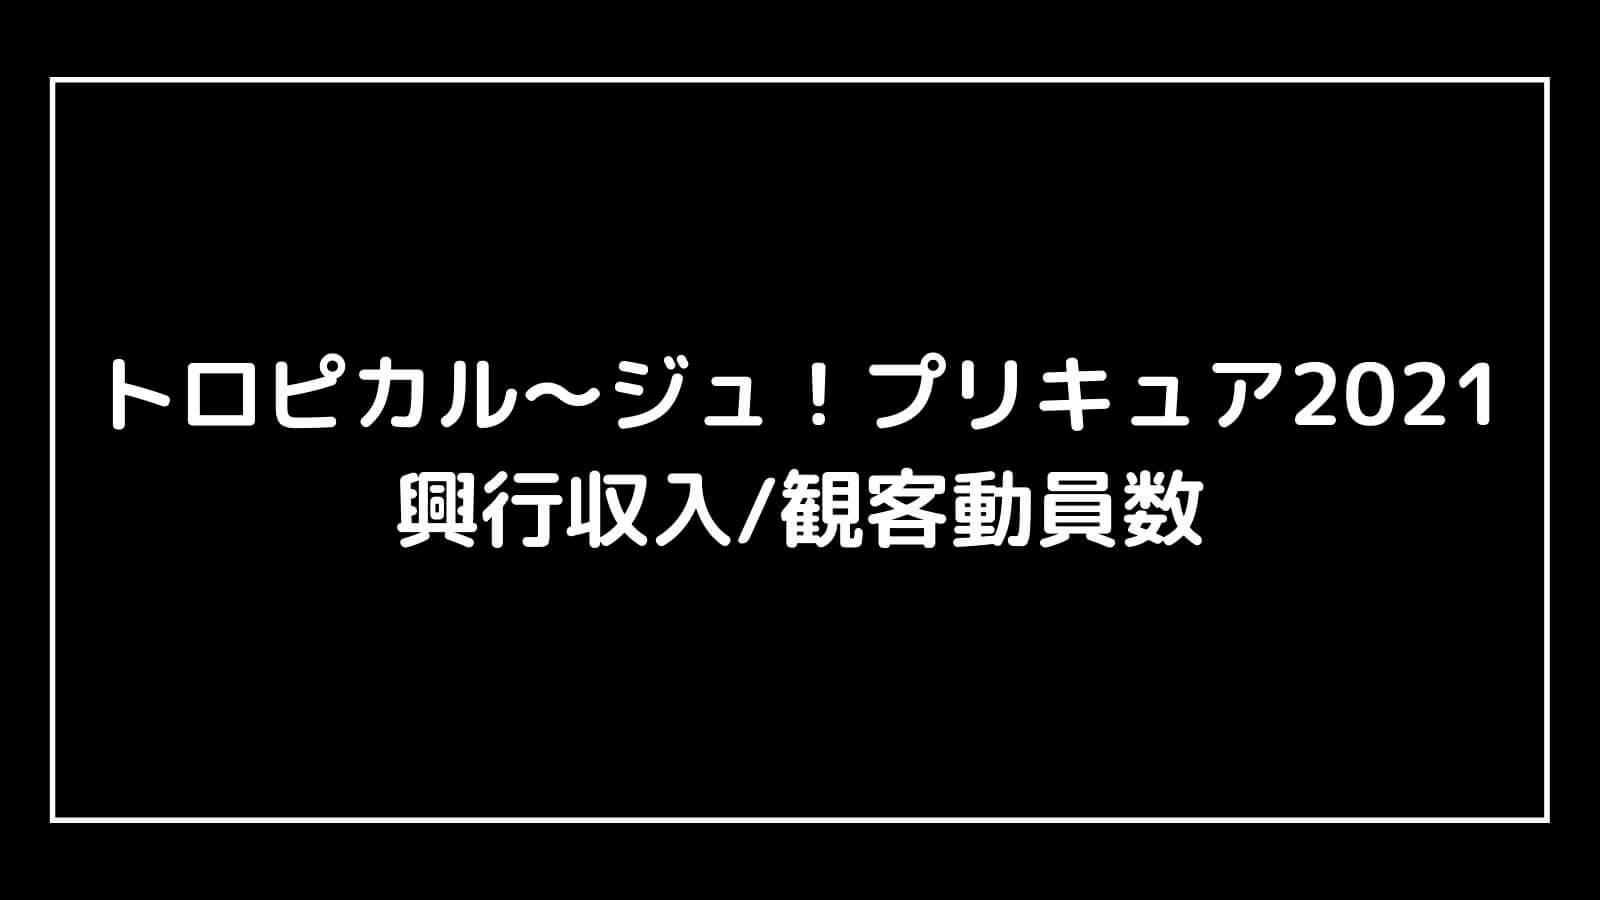 映画『トロピカル~ジュ!プリキュア2021』興行収入推移と最終興収を元映画館社員が予想【雪のプリンセスと奇跡の指輪!】